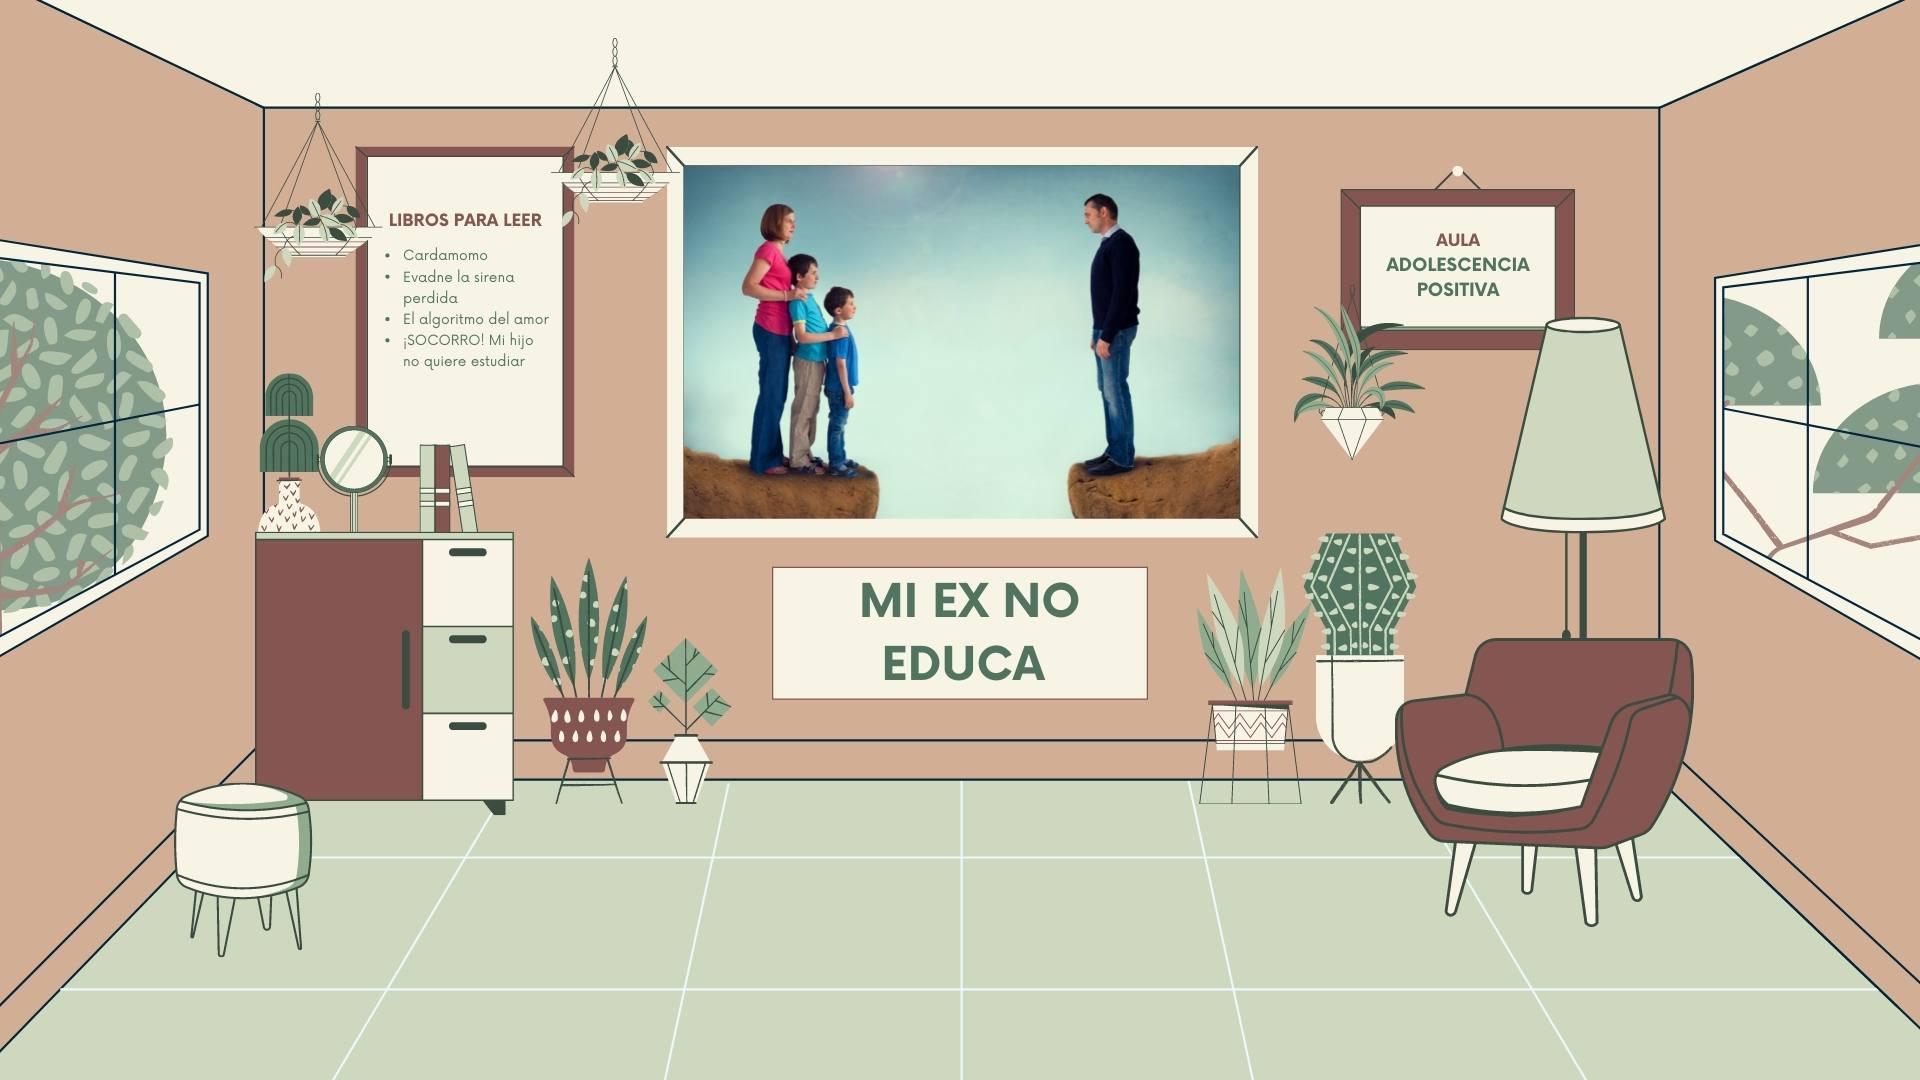 Cómo resolver los conflictos con tu ex por la educación de tus hijos